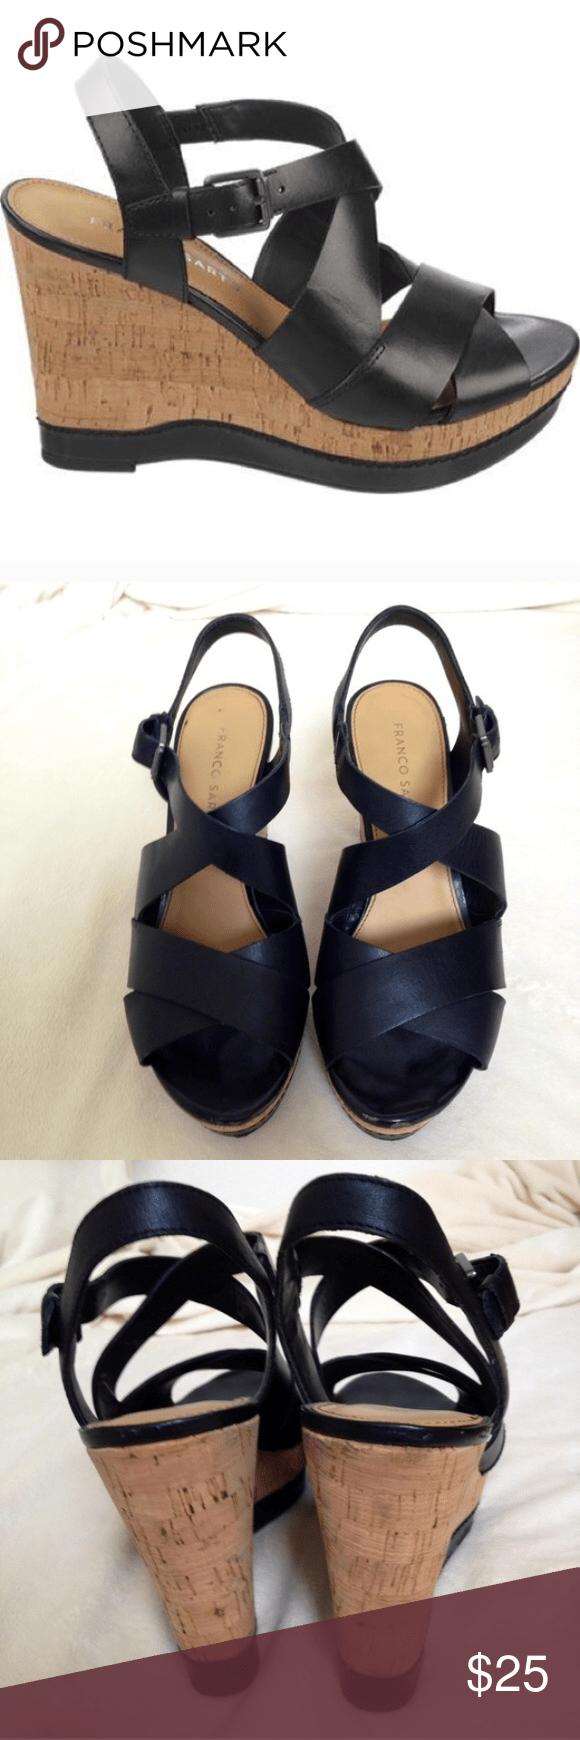 Black sandals at dsw - Download